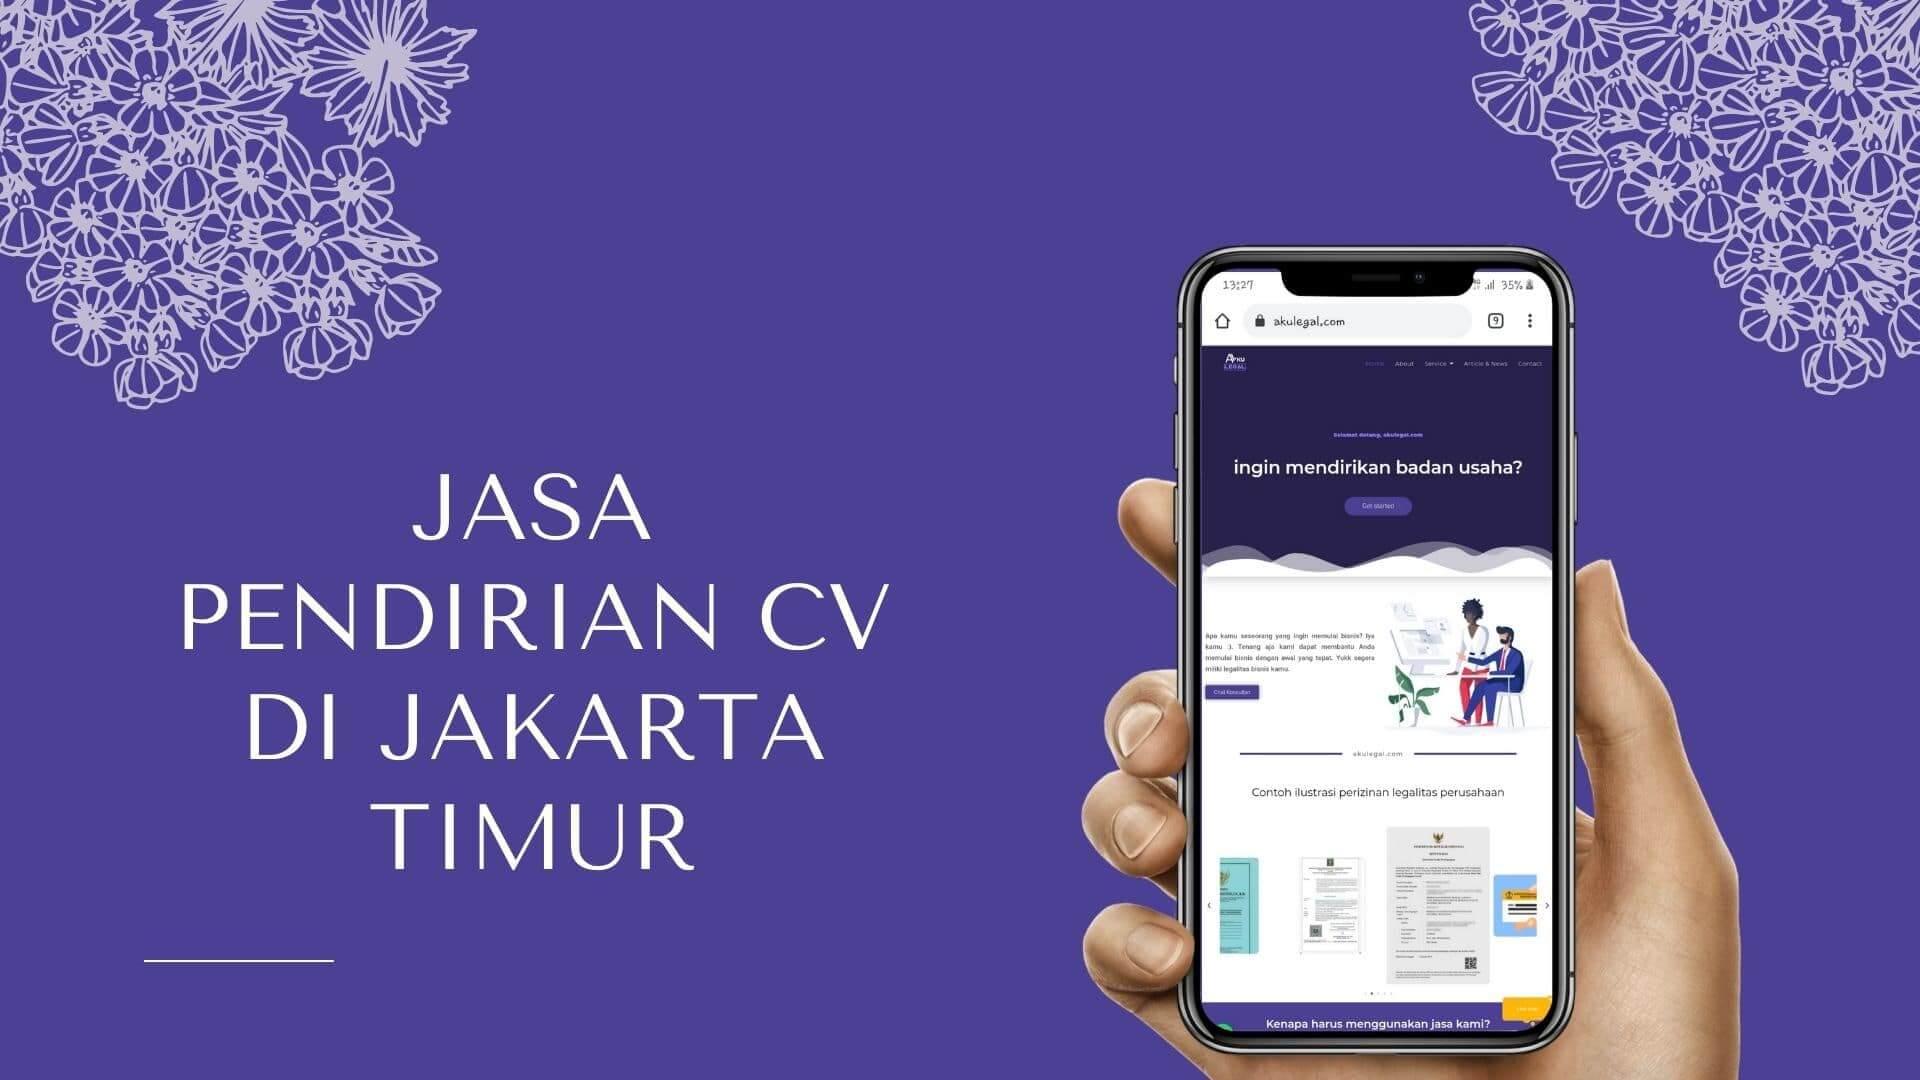 Jasa Pendirian CV di Jakarta Timur